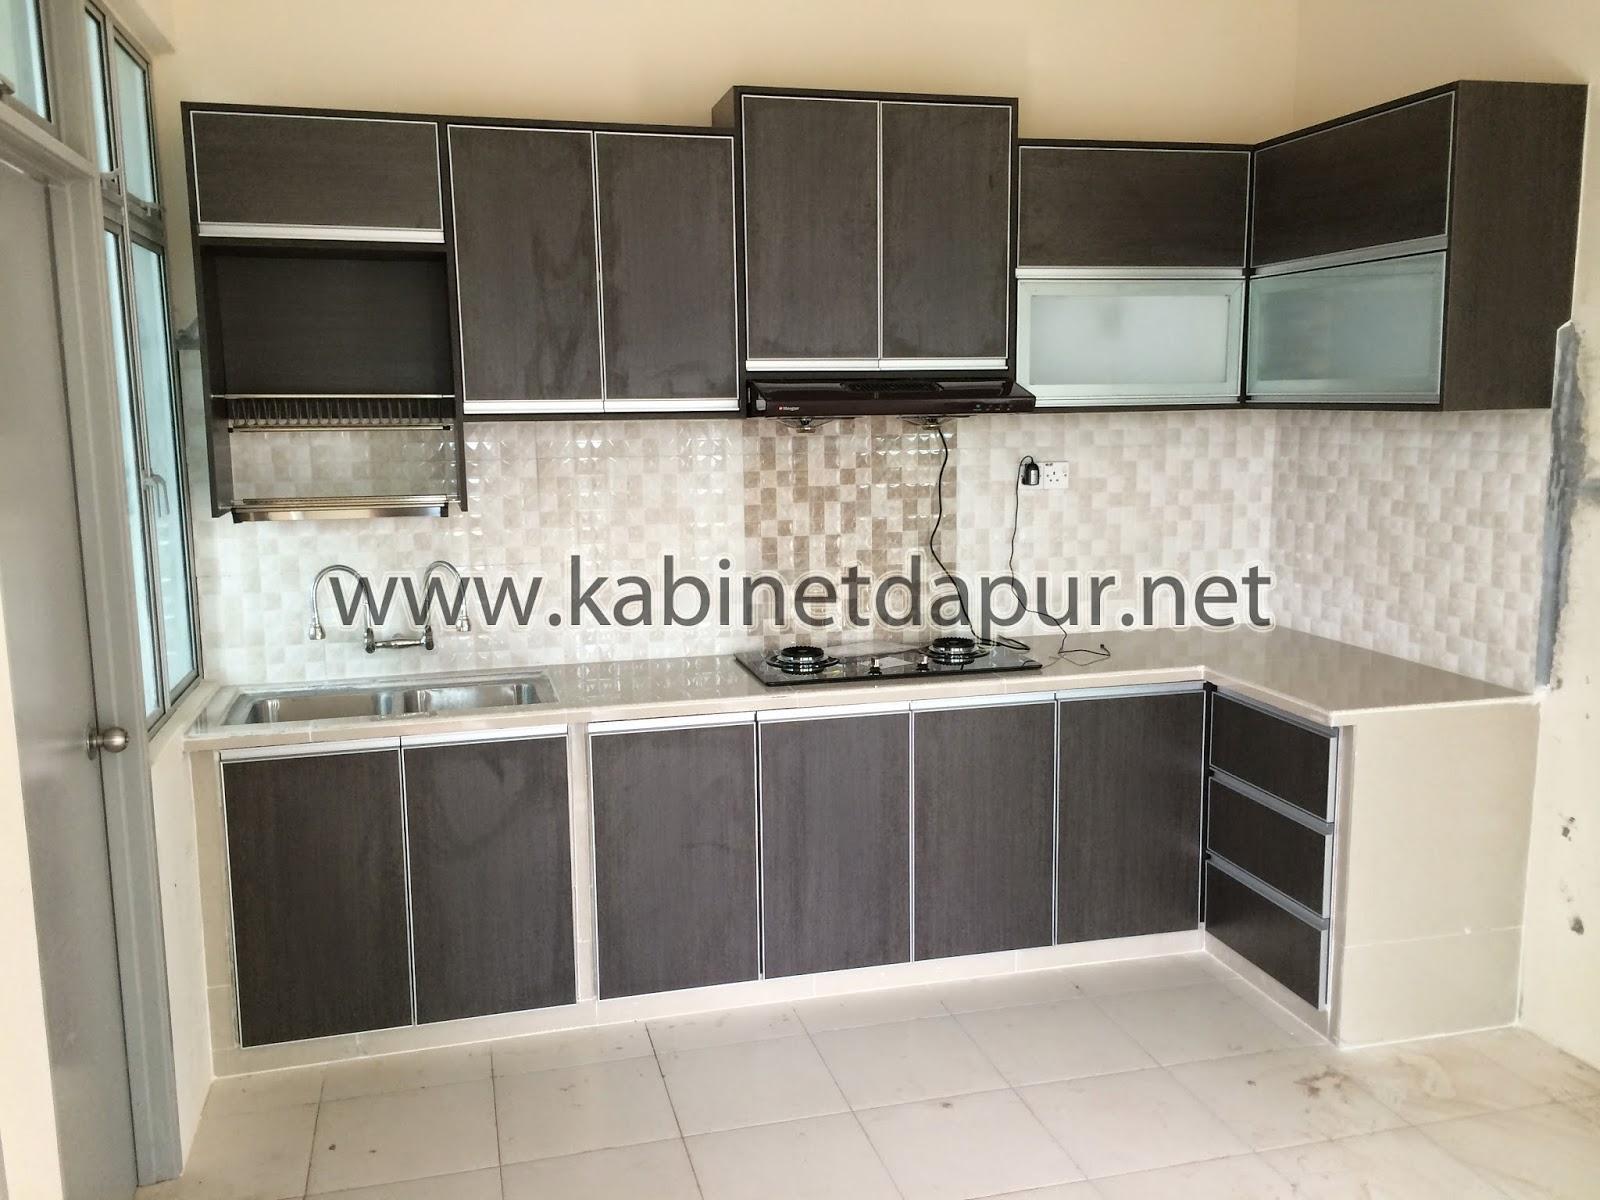 Ini Projek Kabinet Dapur Terbaru Kami Di Taman Kiara Jln Dato Bar Tuan Rumah En Khusaini Table Top Sudah Ada Jadi Tugas Menyiapkan Pintu Dan